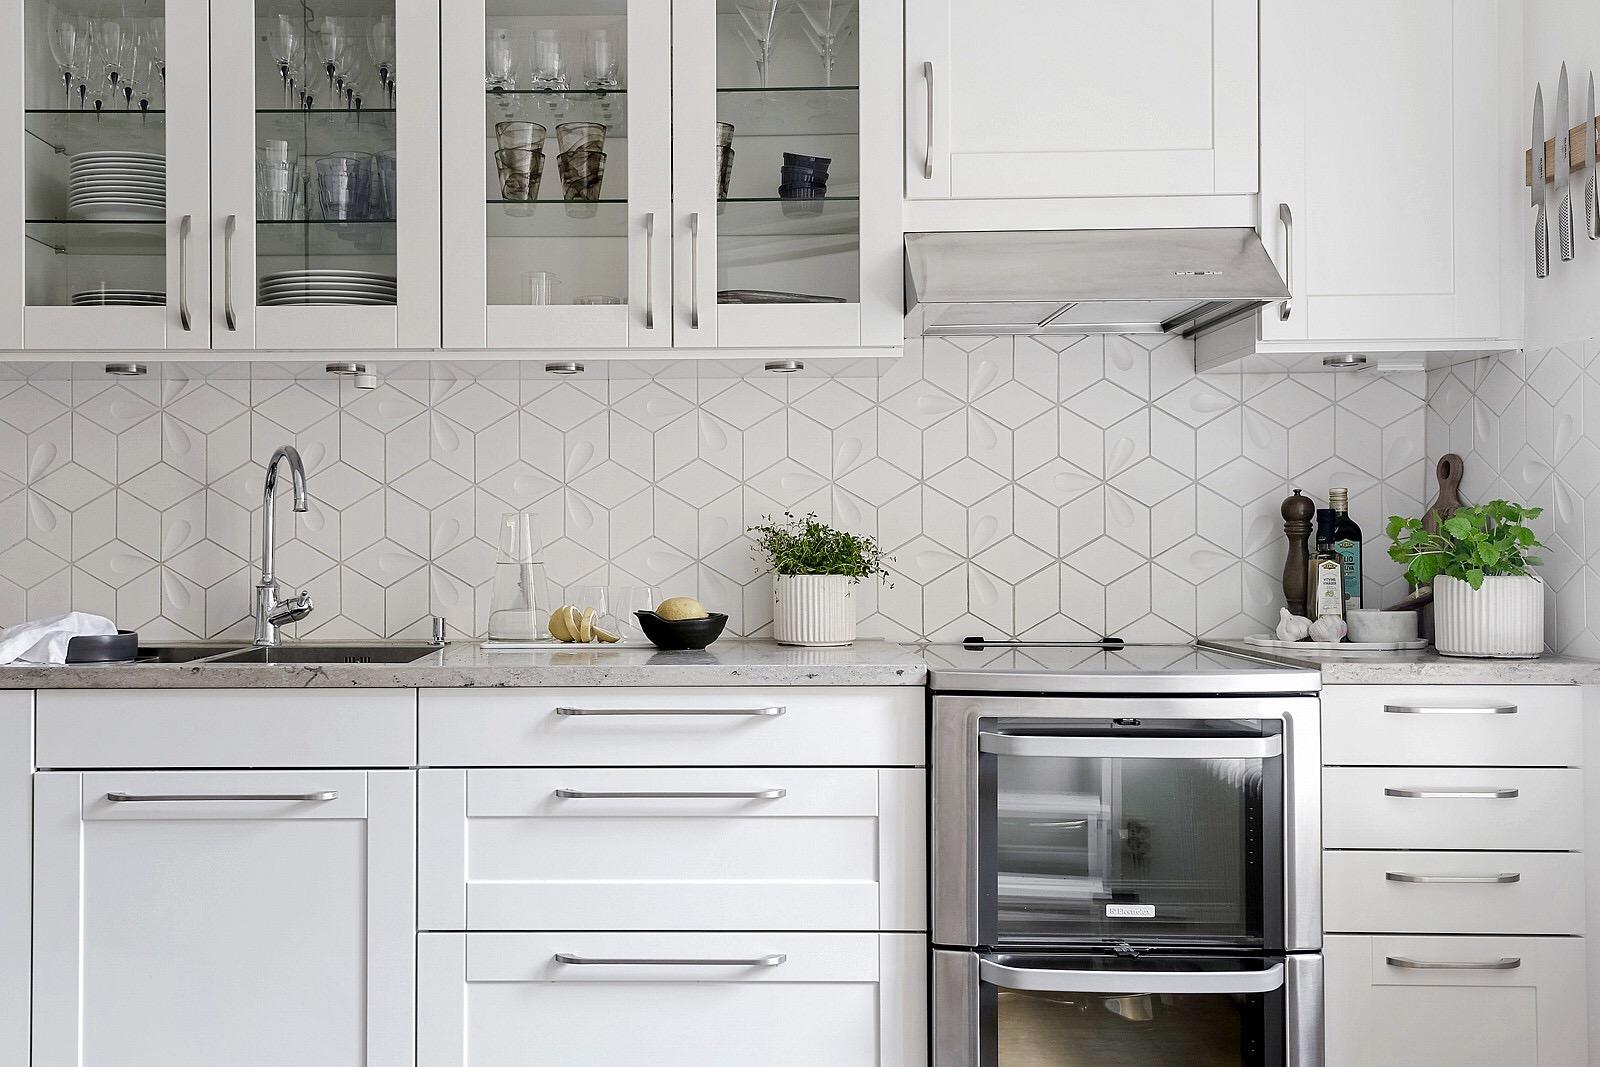 белая кухня плита встроенная вытяжка мойка смеситель столешница фартук плитка